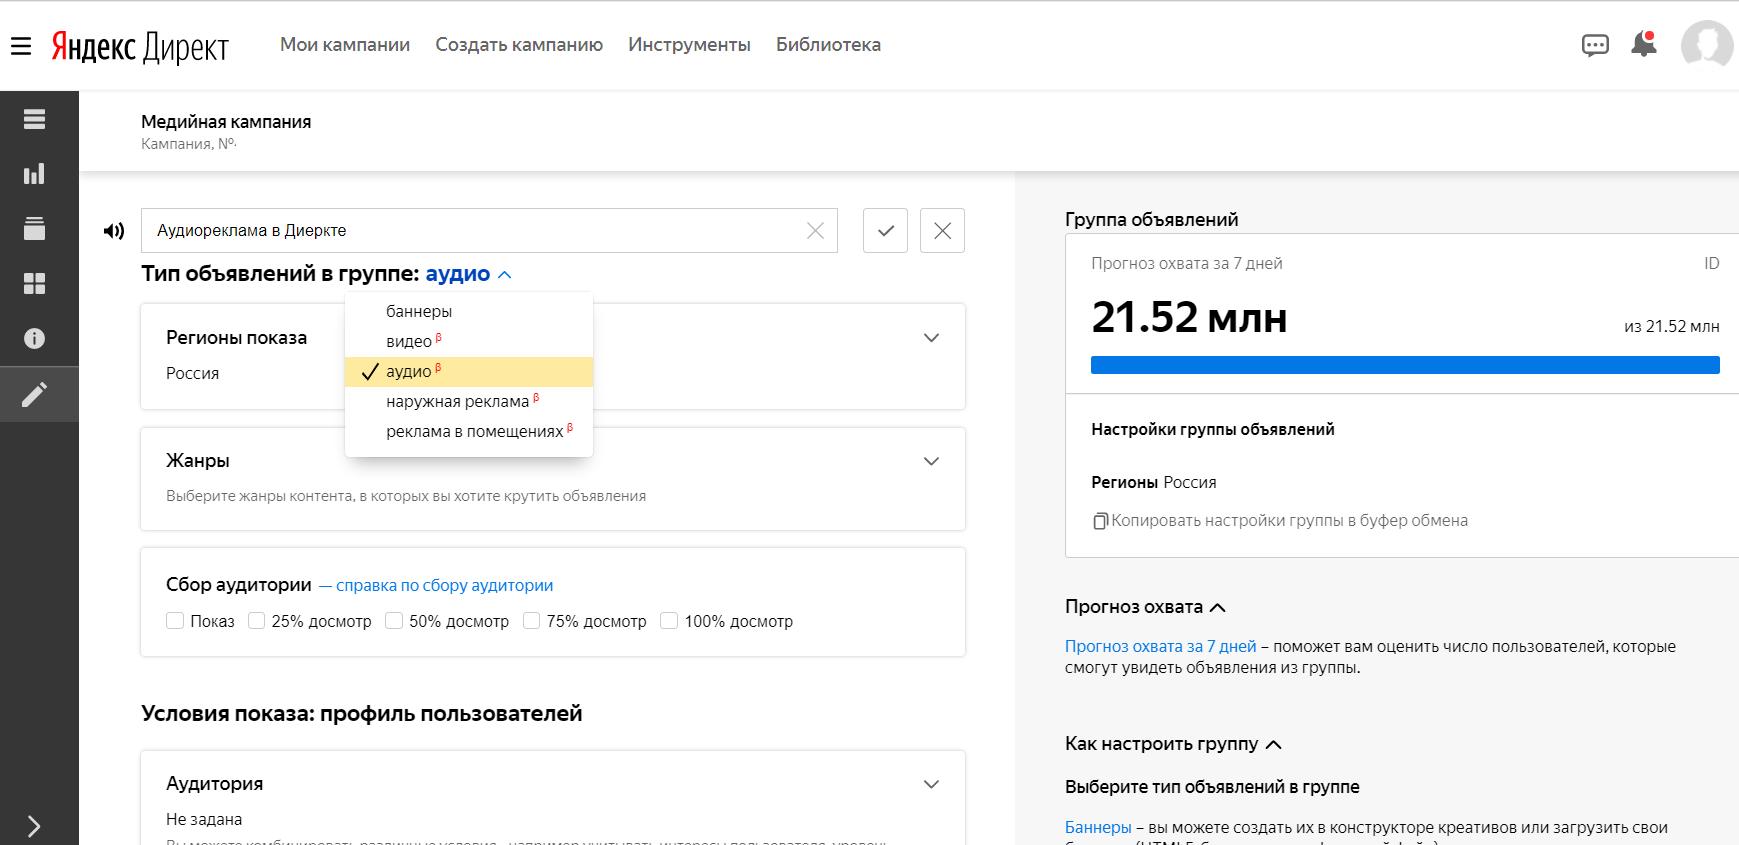 Как создать аудиорекламы в Яндекс.Директе: интерфейс